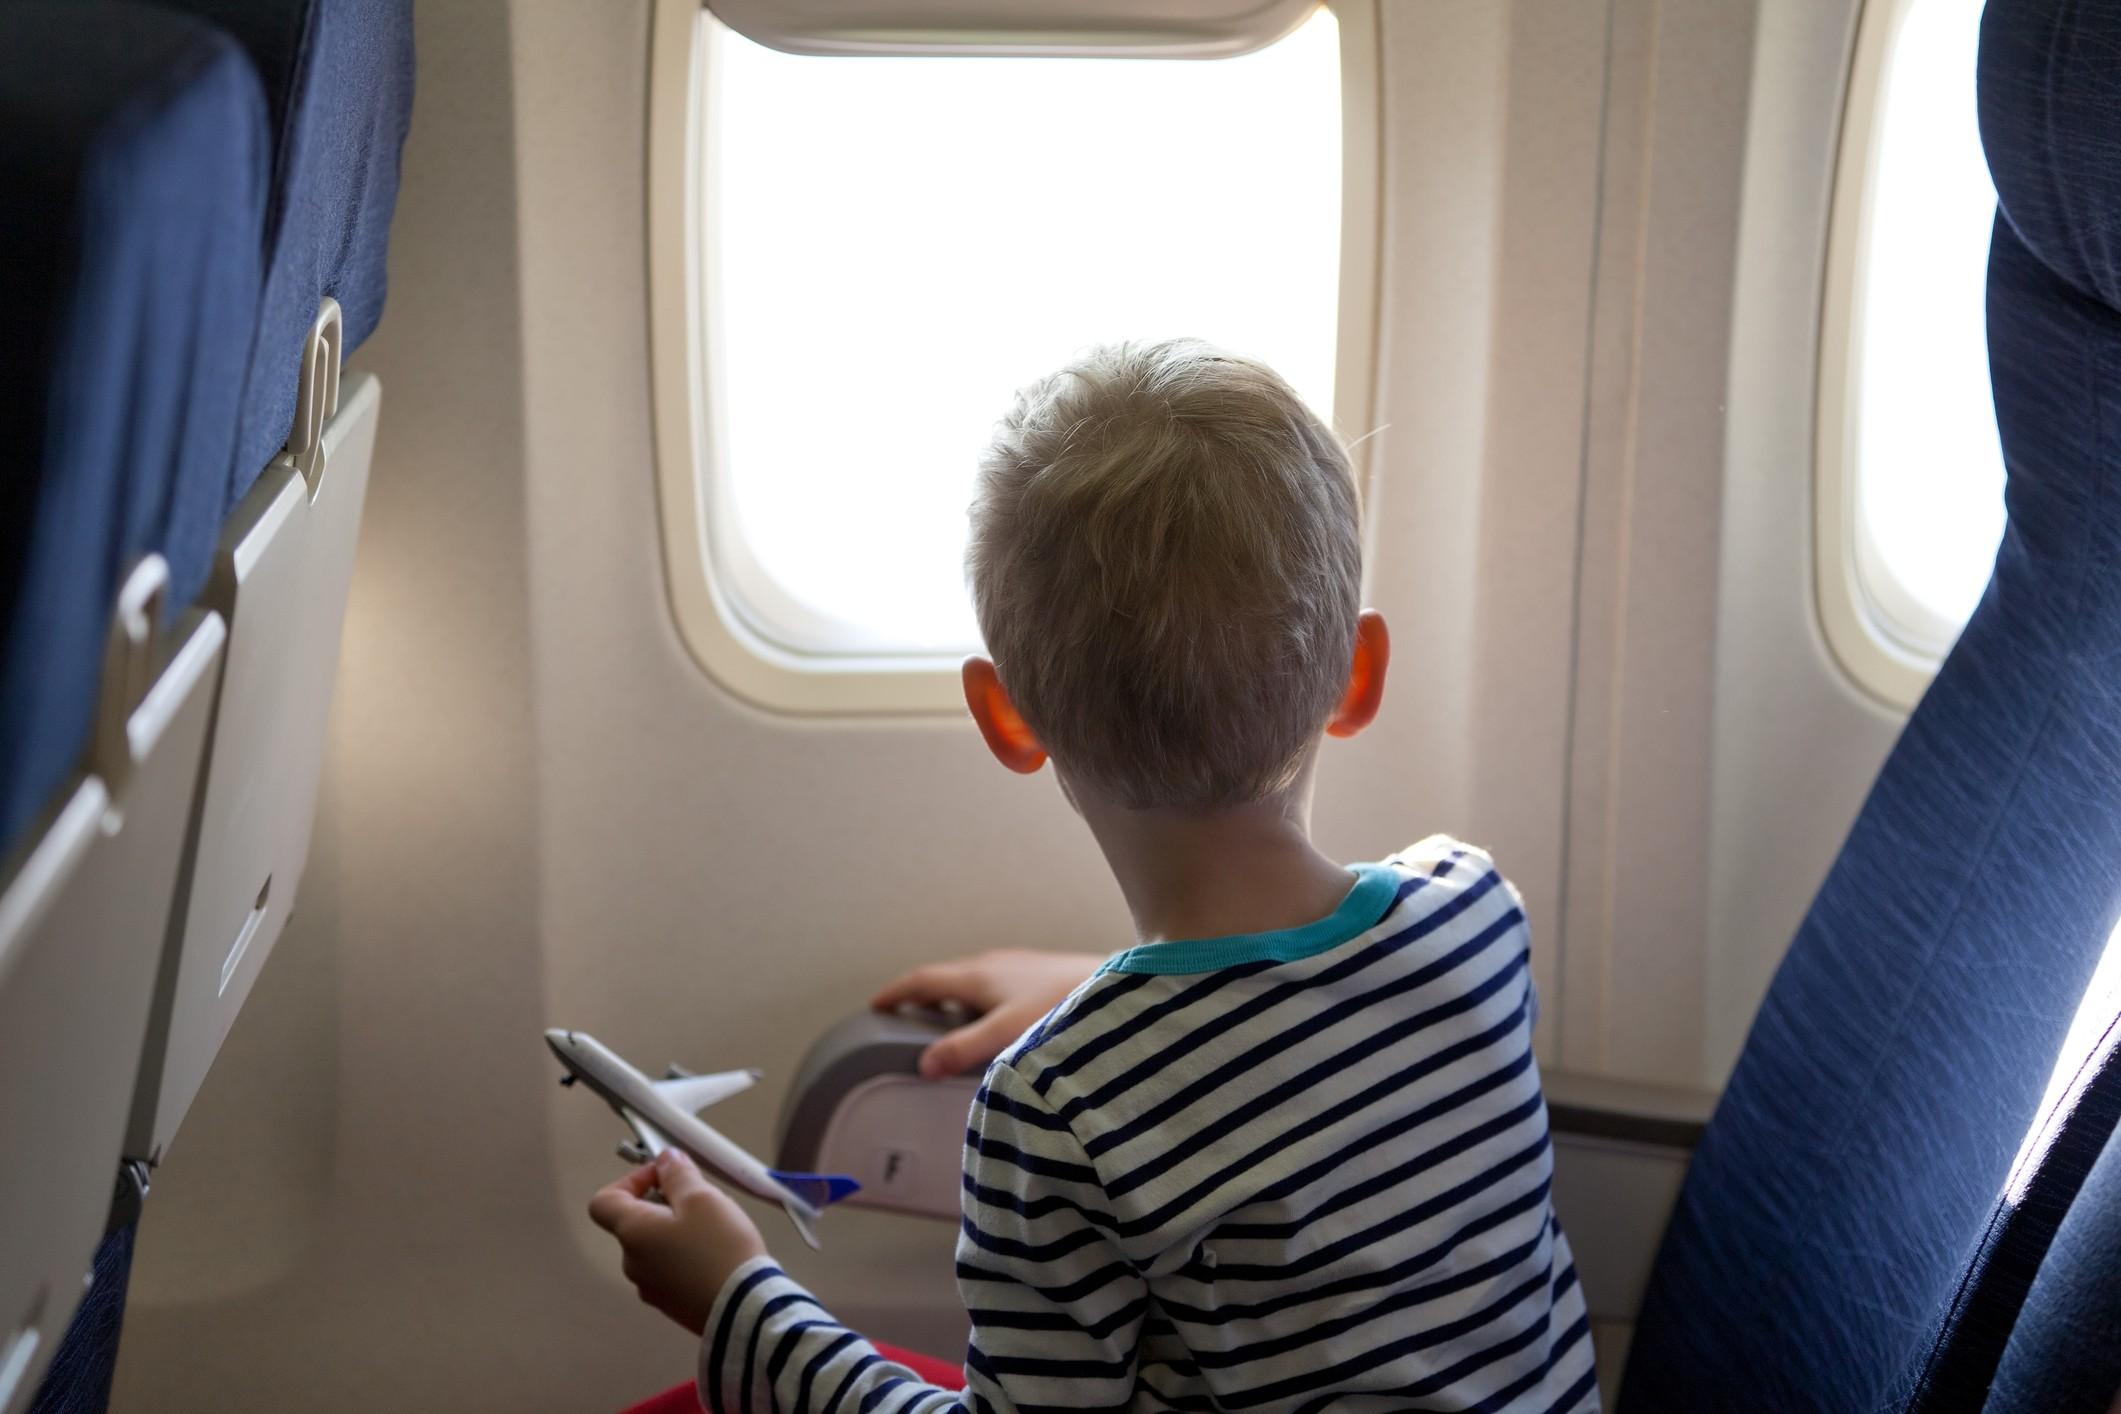 O menino estava brincando dentro do avião e o passageiro se irritou (Foto: Thinkstock)